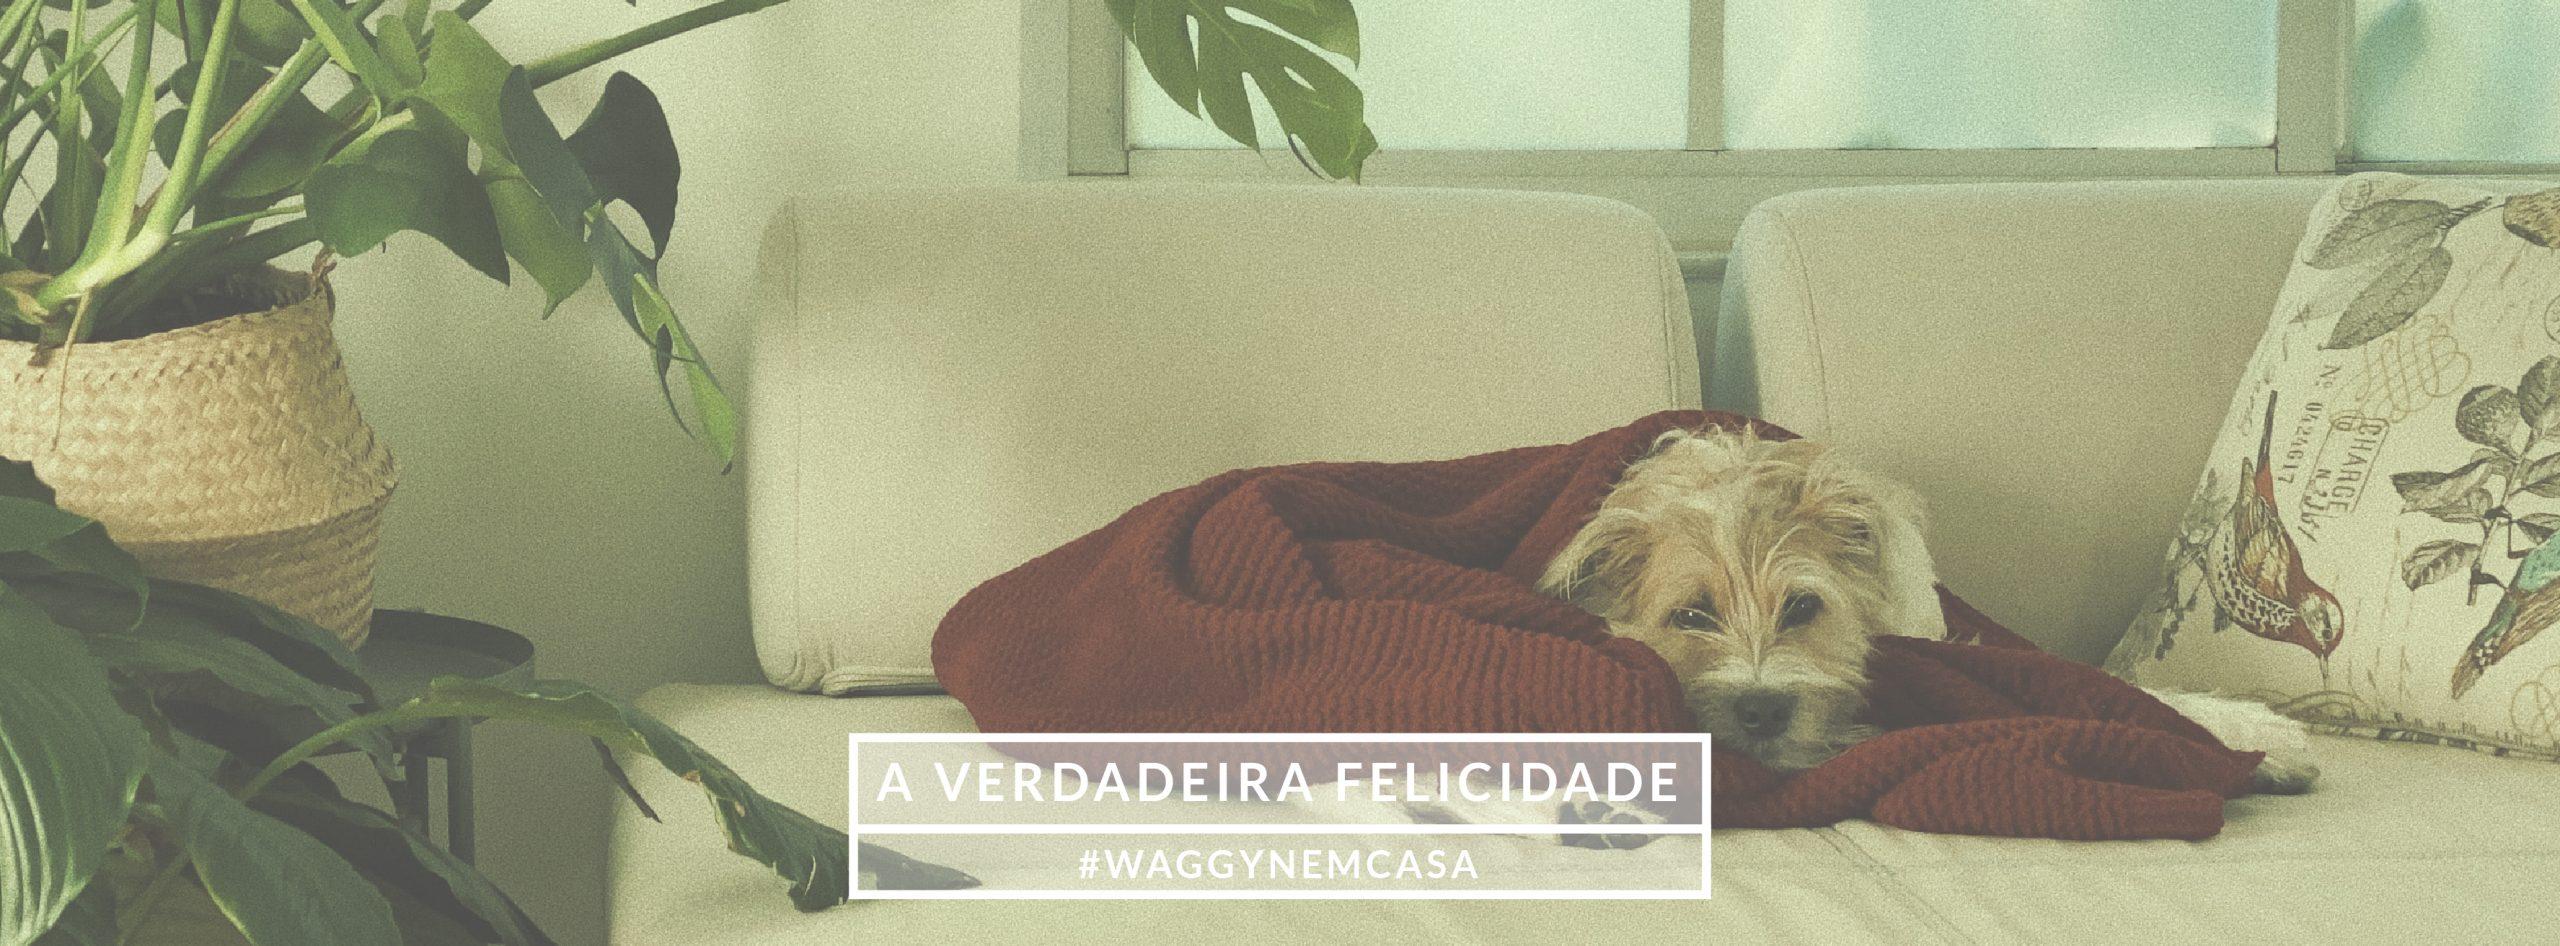 Video de um Cão - Bem Vindo - À loja do teu melhor Amigo - Waggyn - Online Pet Shop